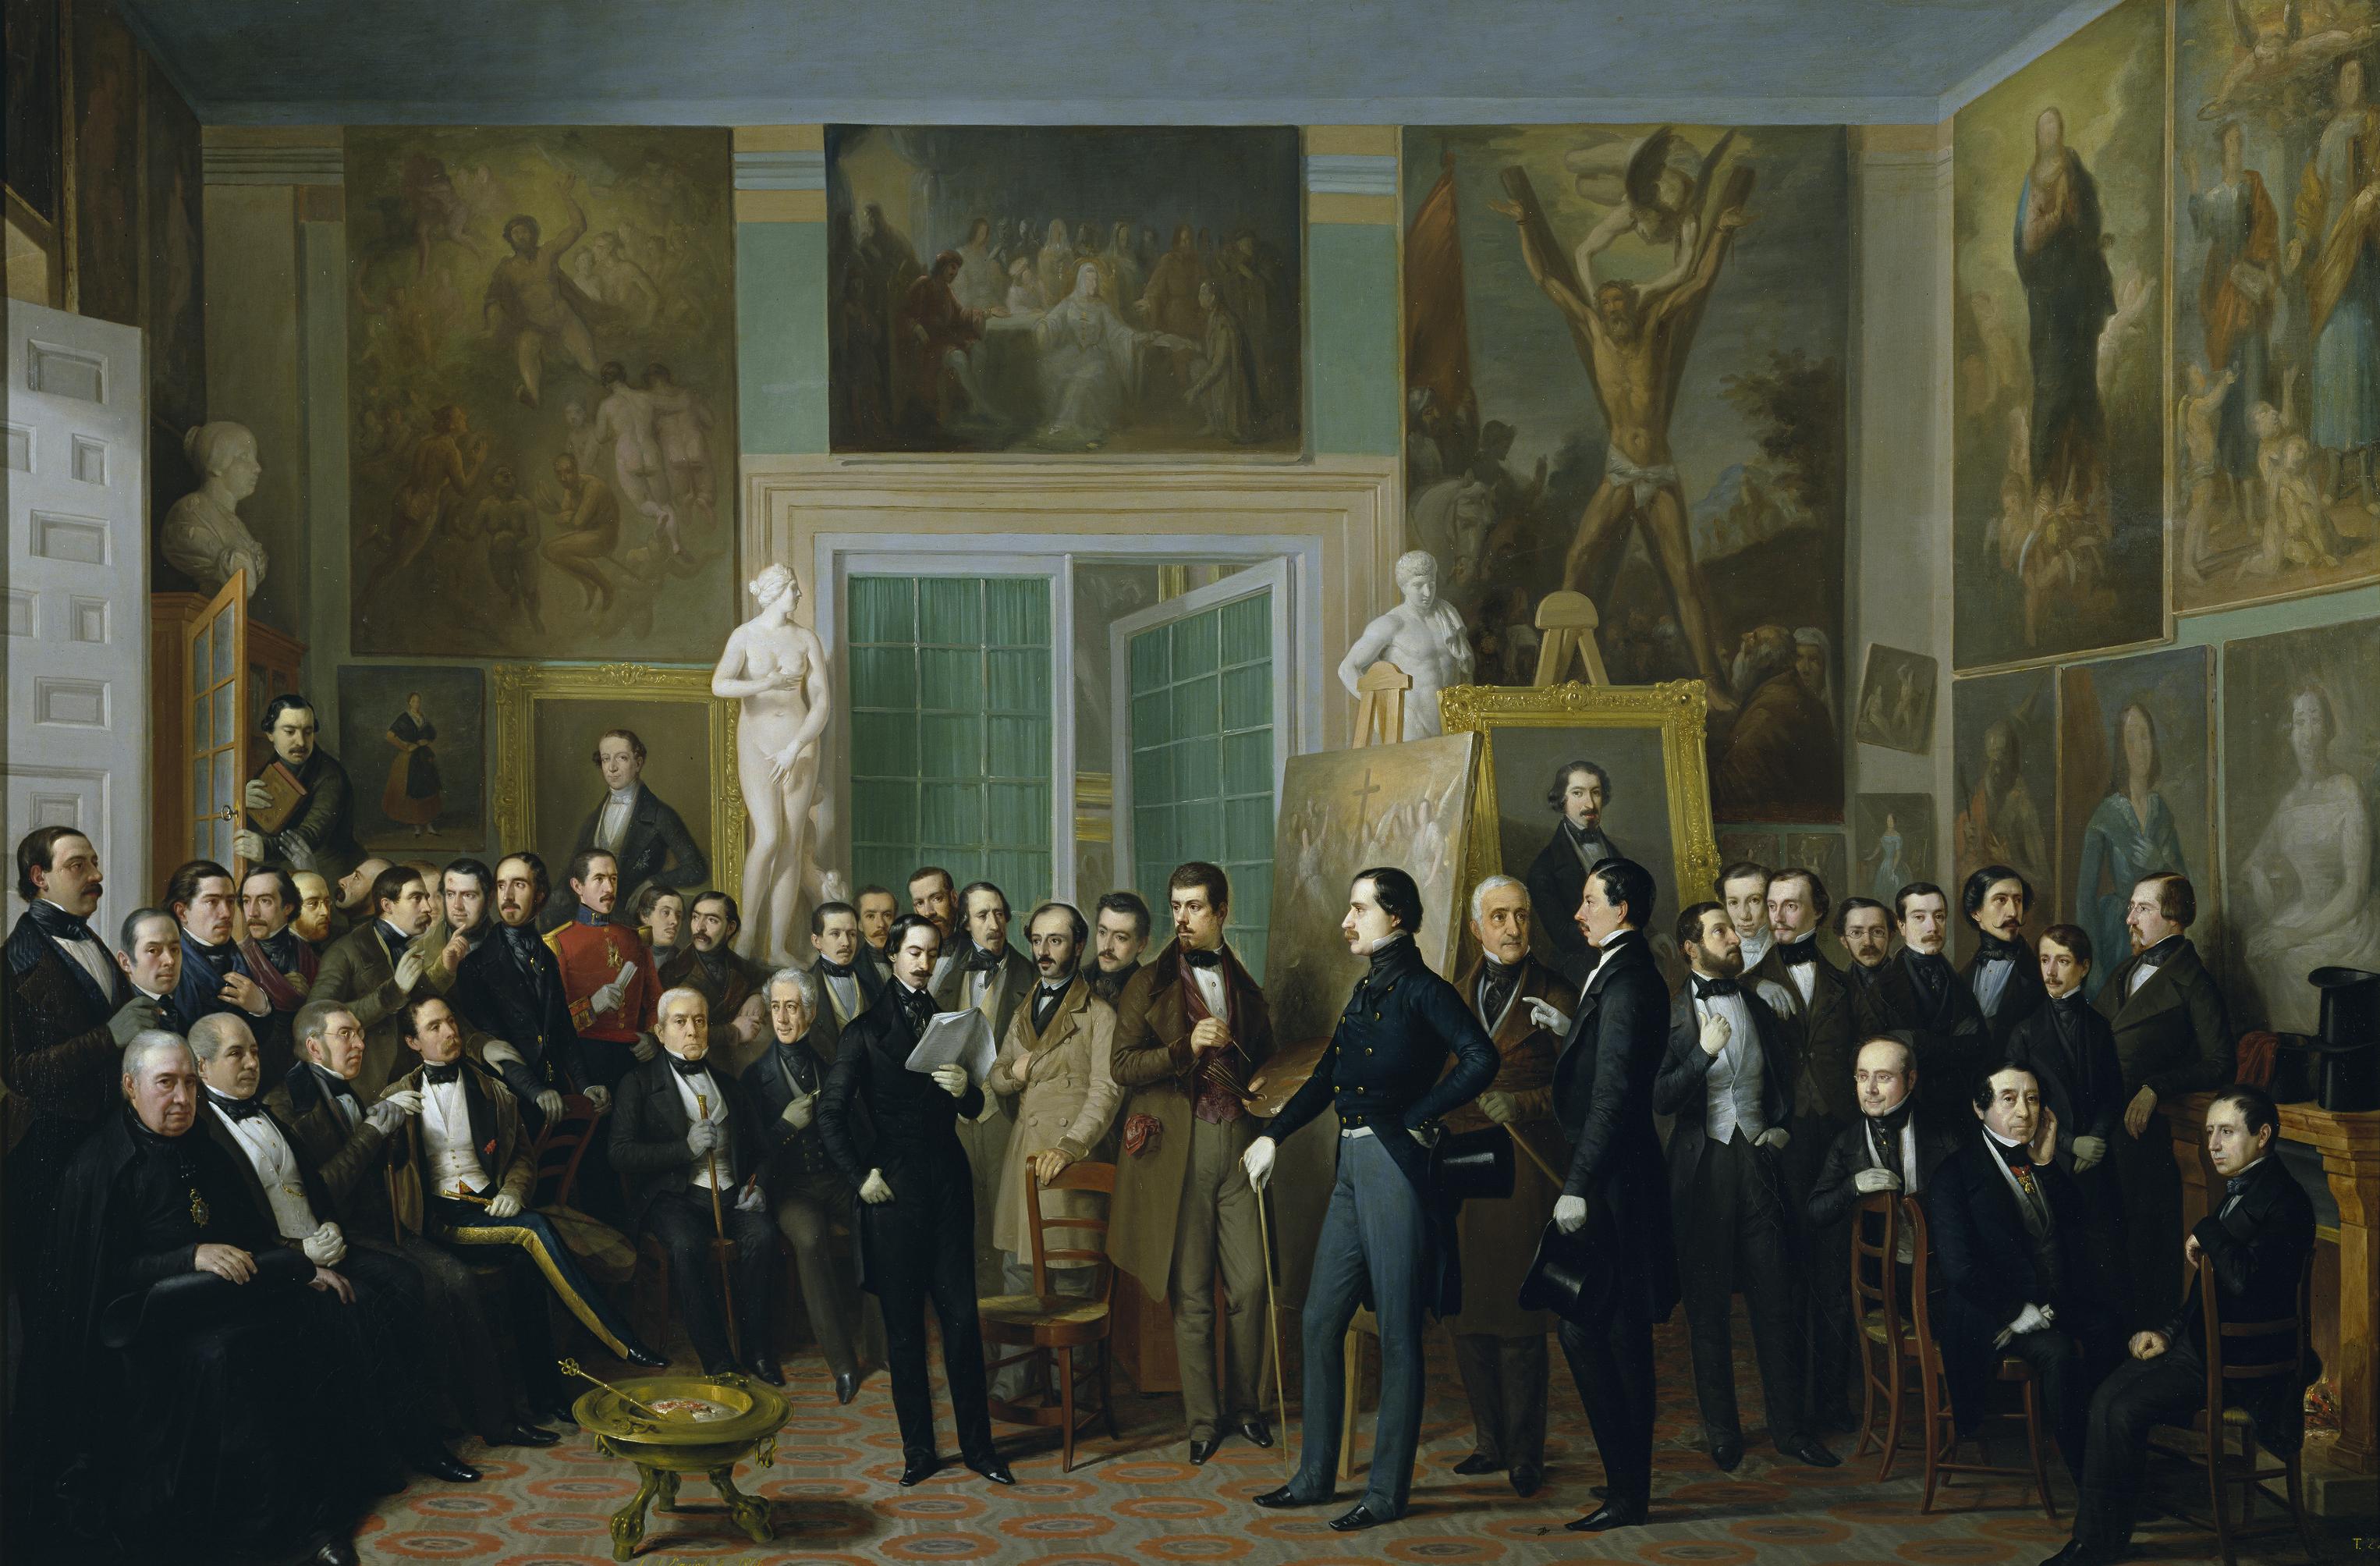 José de Espronceda retratado en Los Poetas contemporáneos por Antonio María Esquivel (1846) - Museo del Prado, Madrid